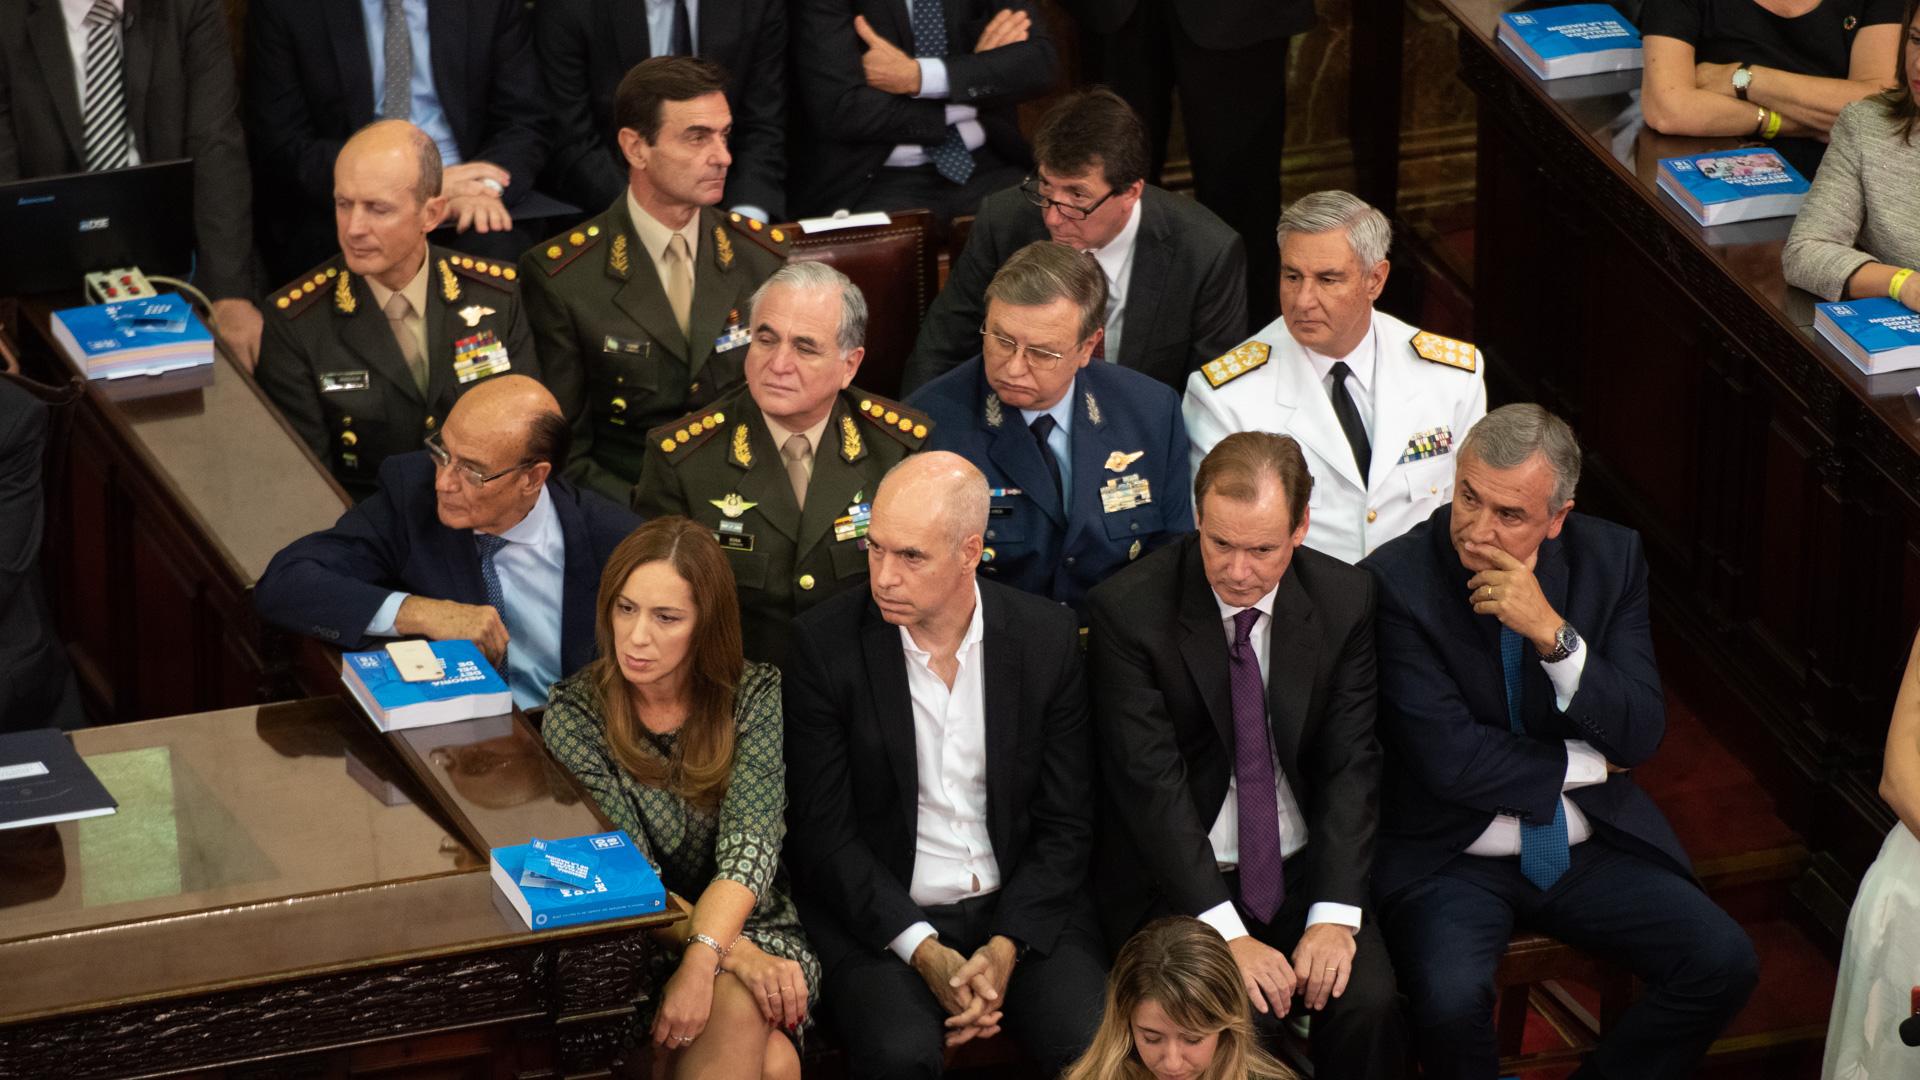 María Eugenia Vidal, Horacio Rodríguez Larreta, Gustavo Bordet y Gerardo Morales, en primera fila